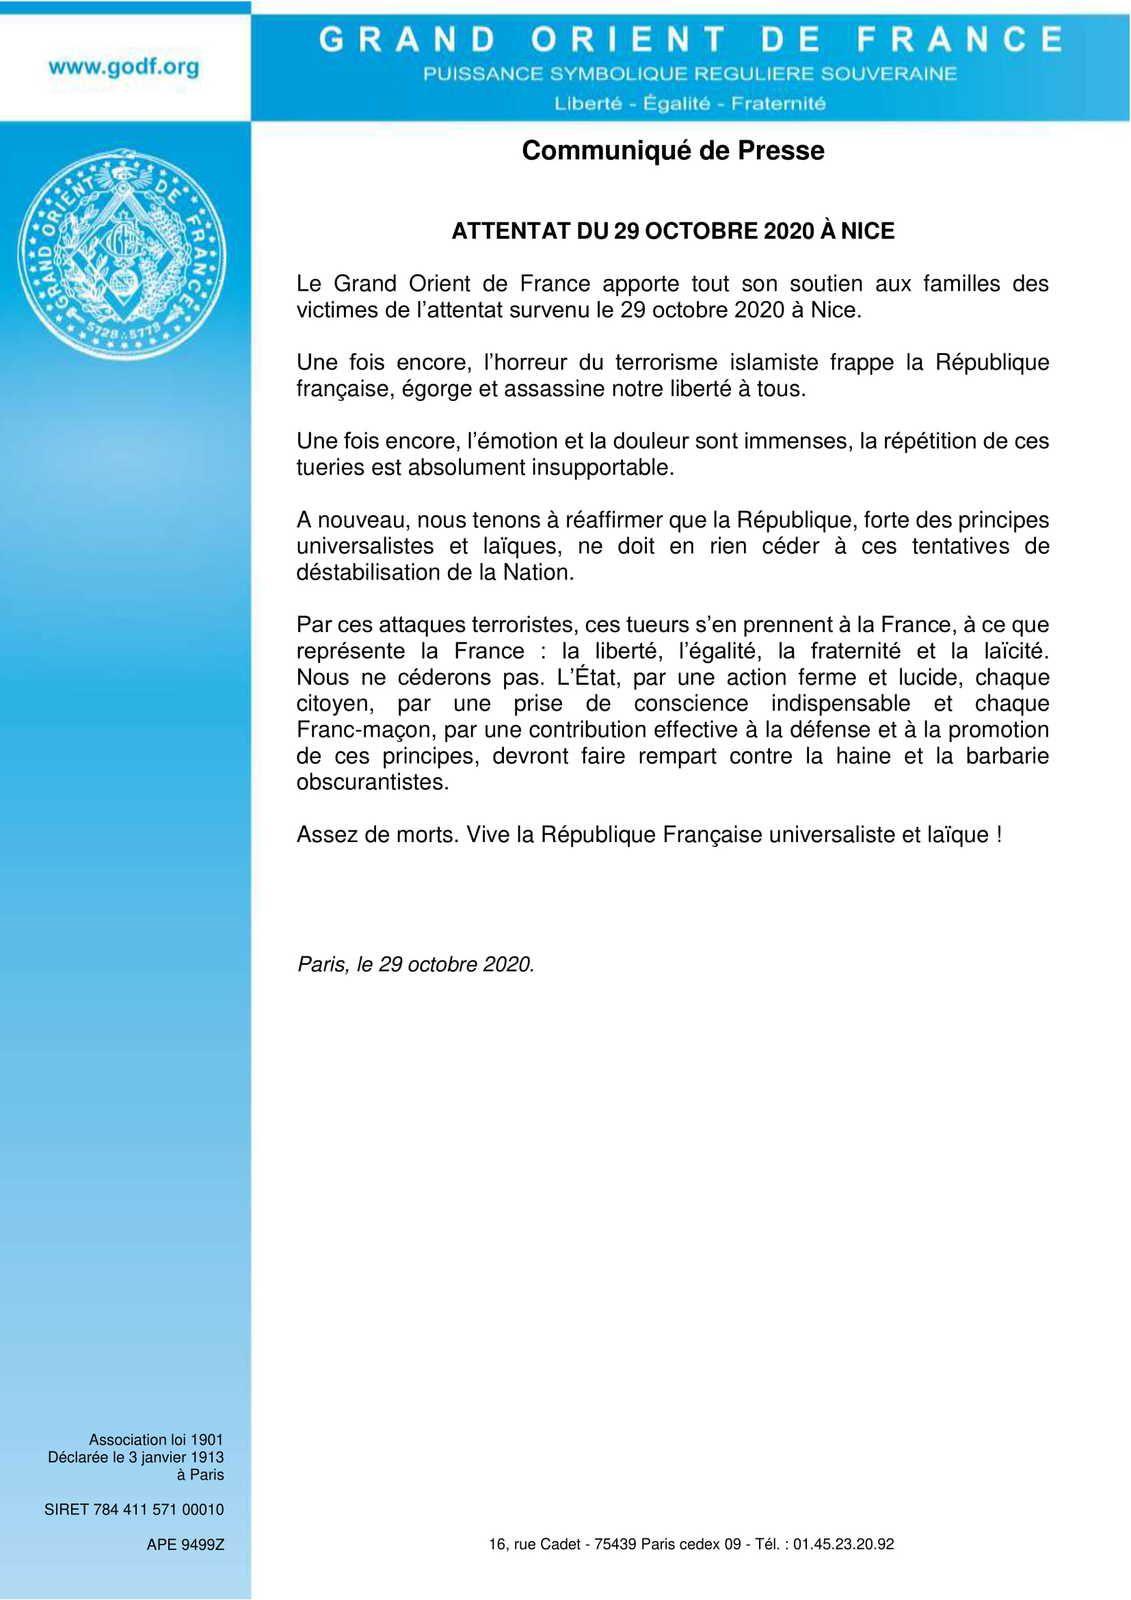 Attentat du 29 octobre 2020 à Nice : communiqué du Grand Orient de France